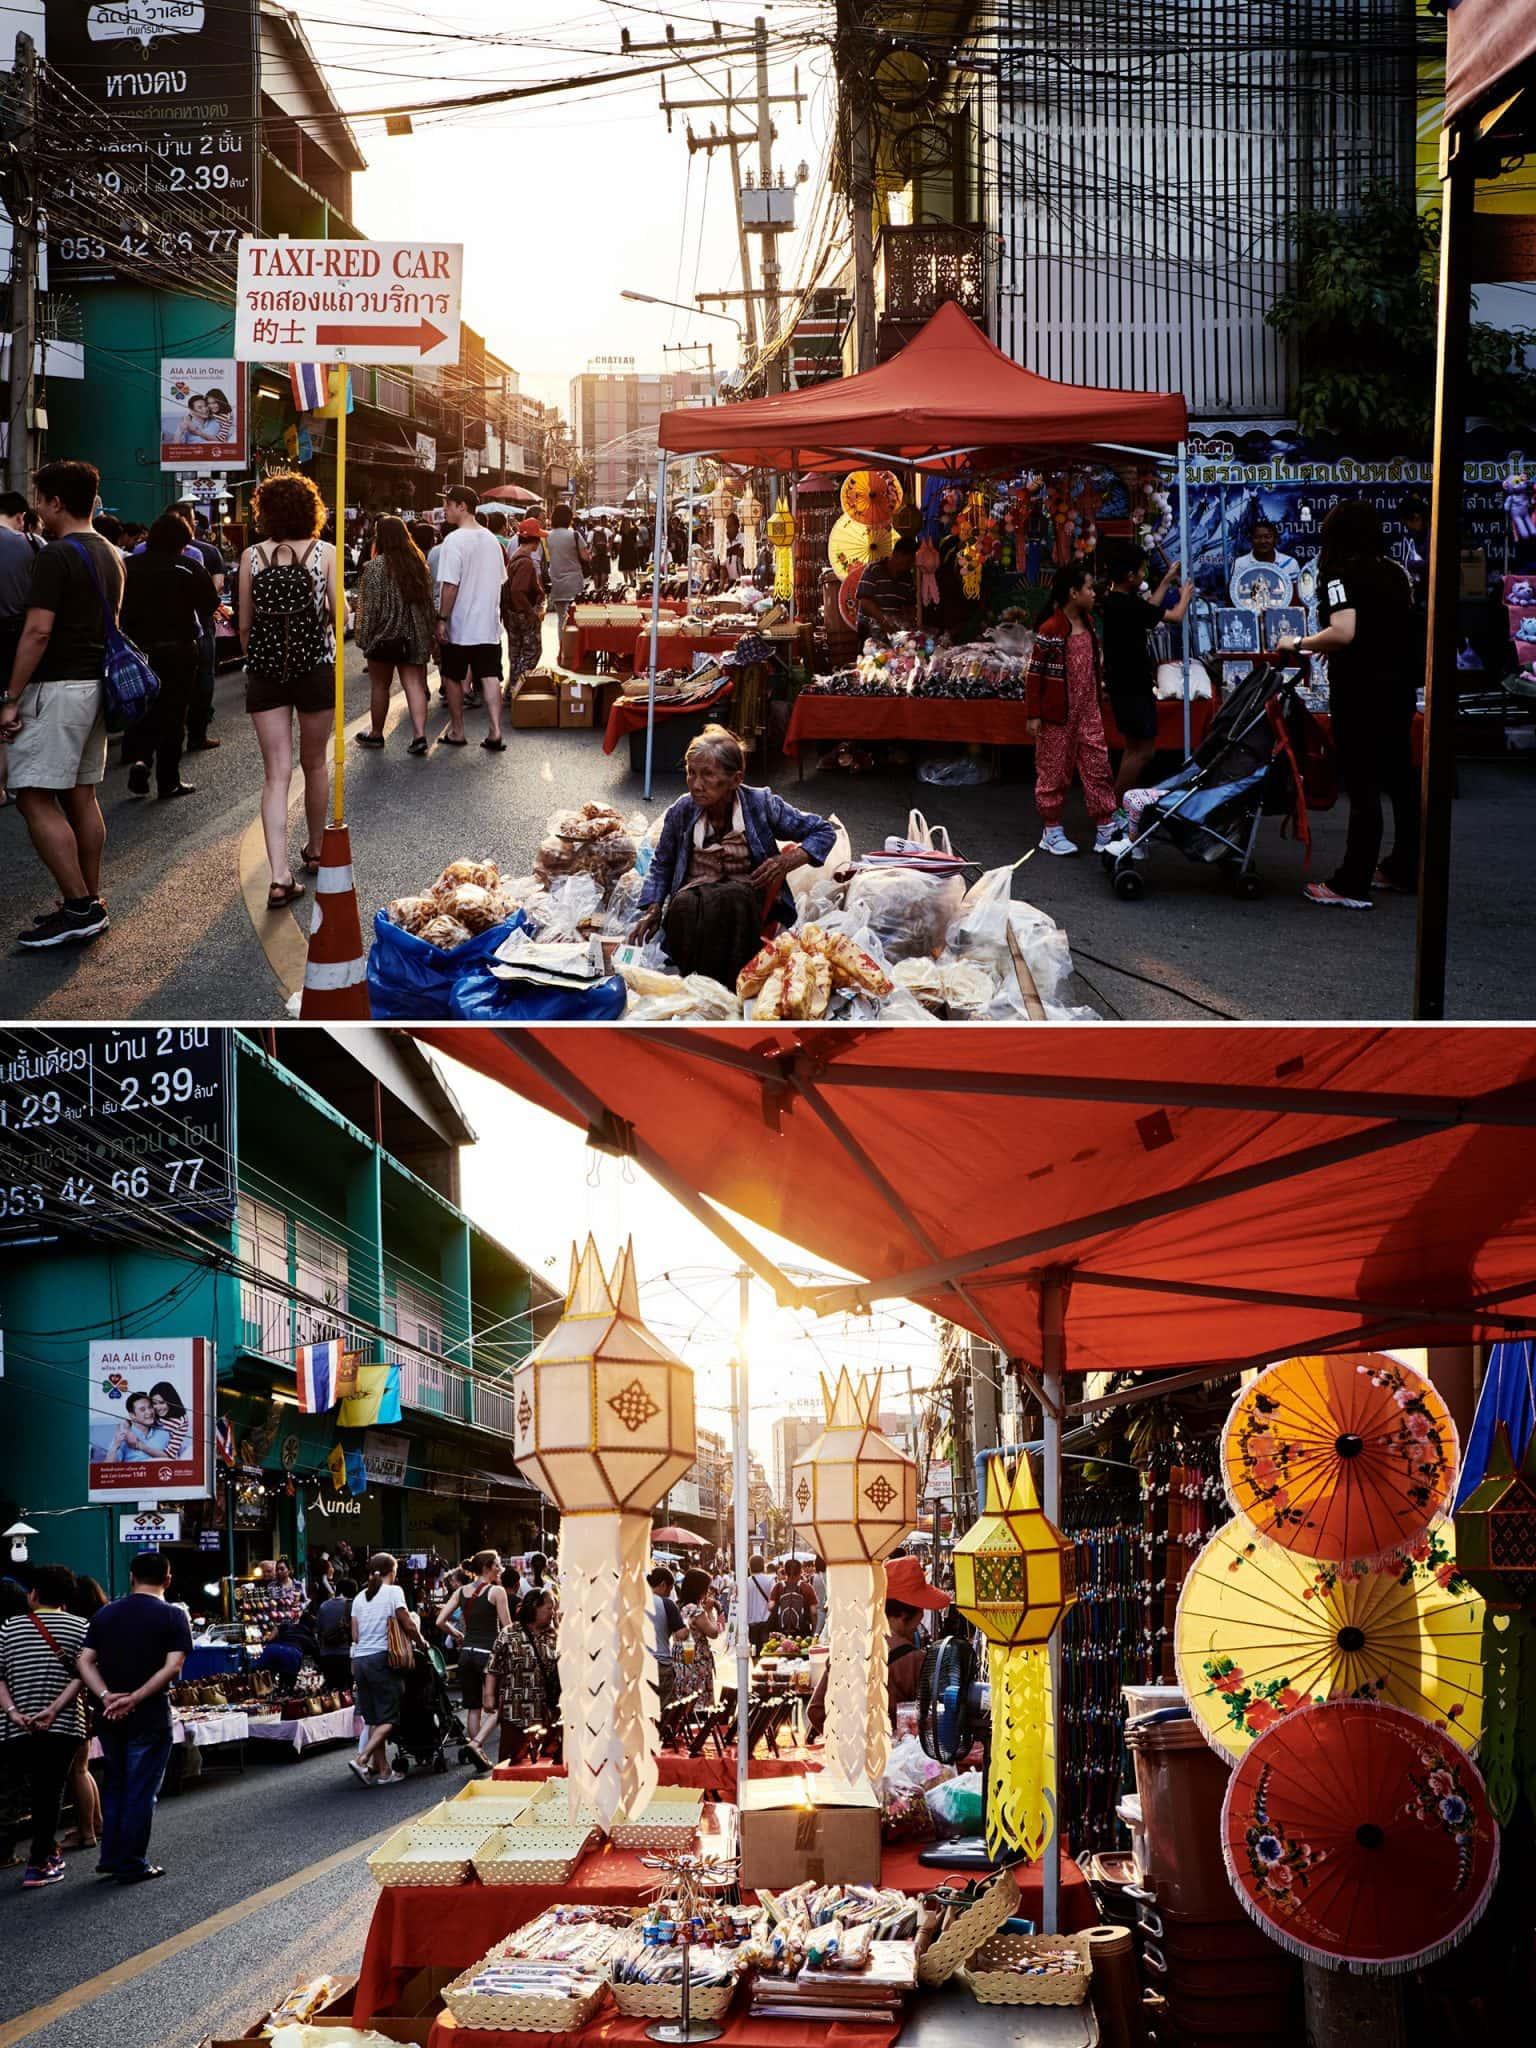 Night Market, Strassenmarkt in Nordthailand